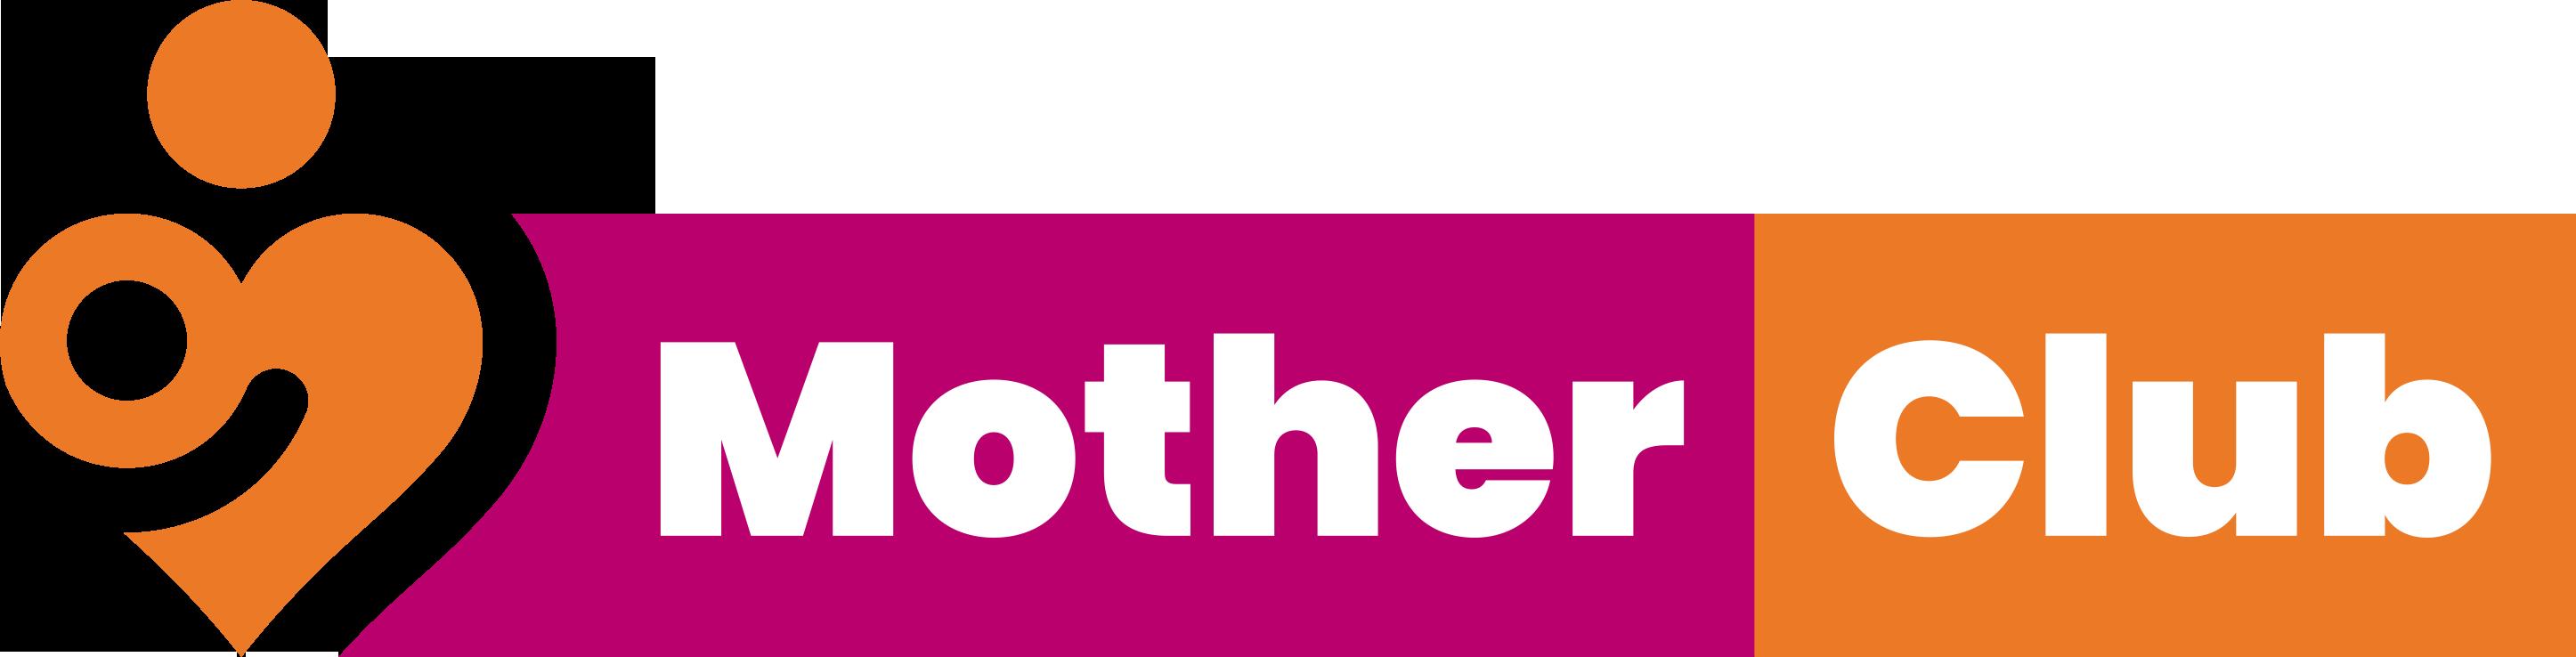 MotherClub.cz